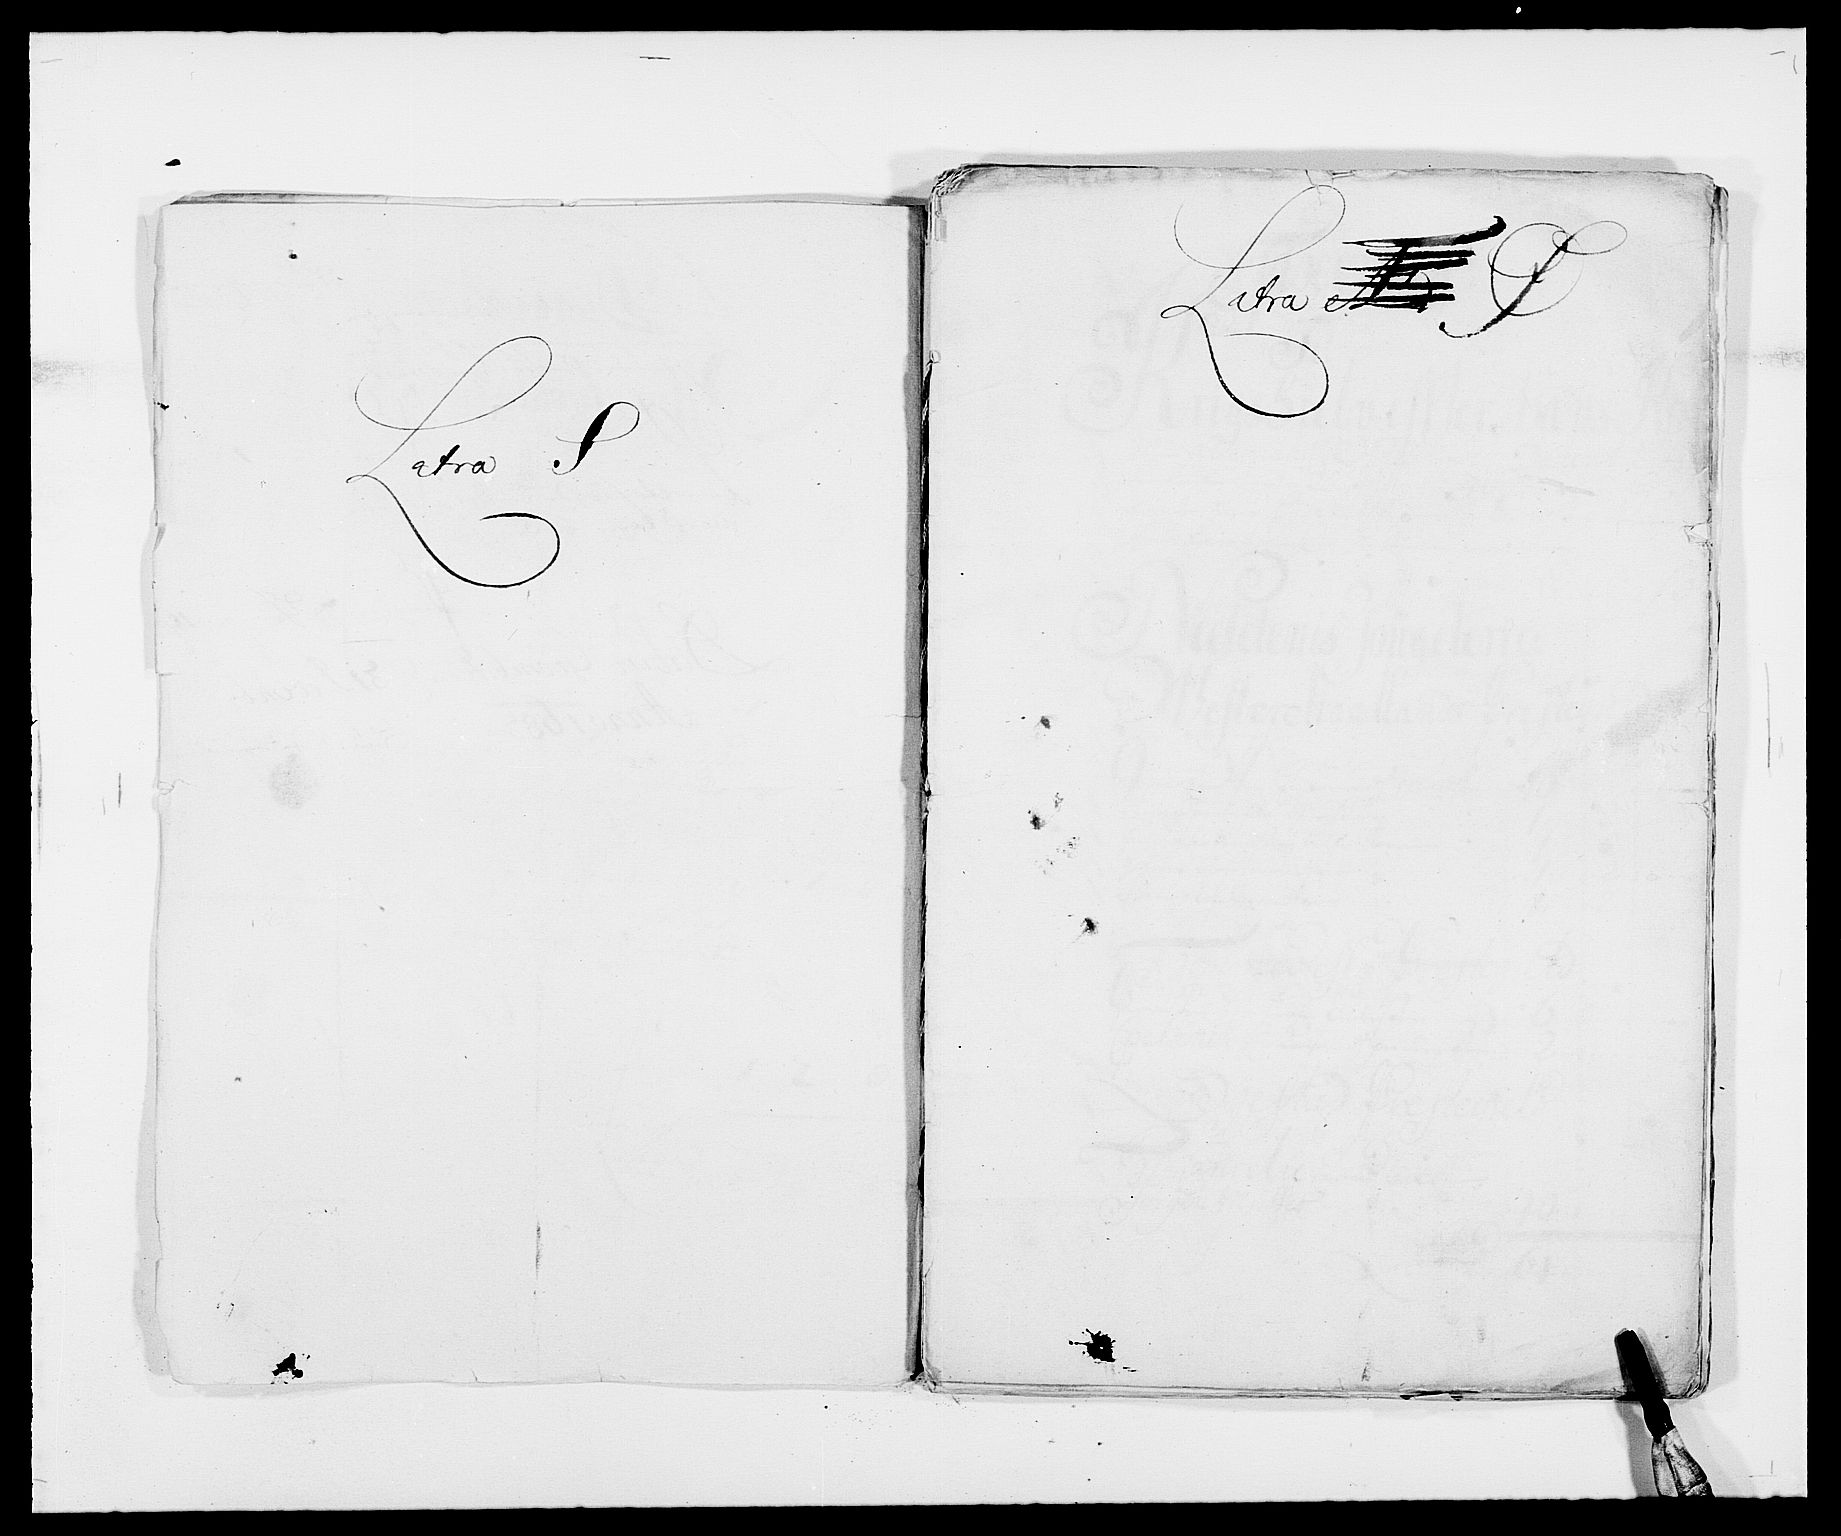 RA, Rentekammeret inntil 1814, Reviderte regnskaper, Fogderegnskap, R39/L2305: Fogderegnskap Nedenes, 1683, s. 286